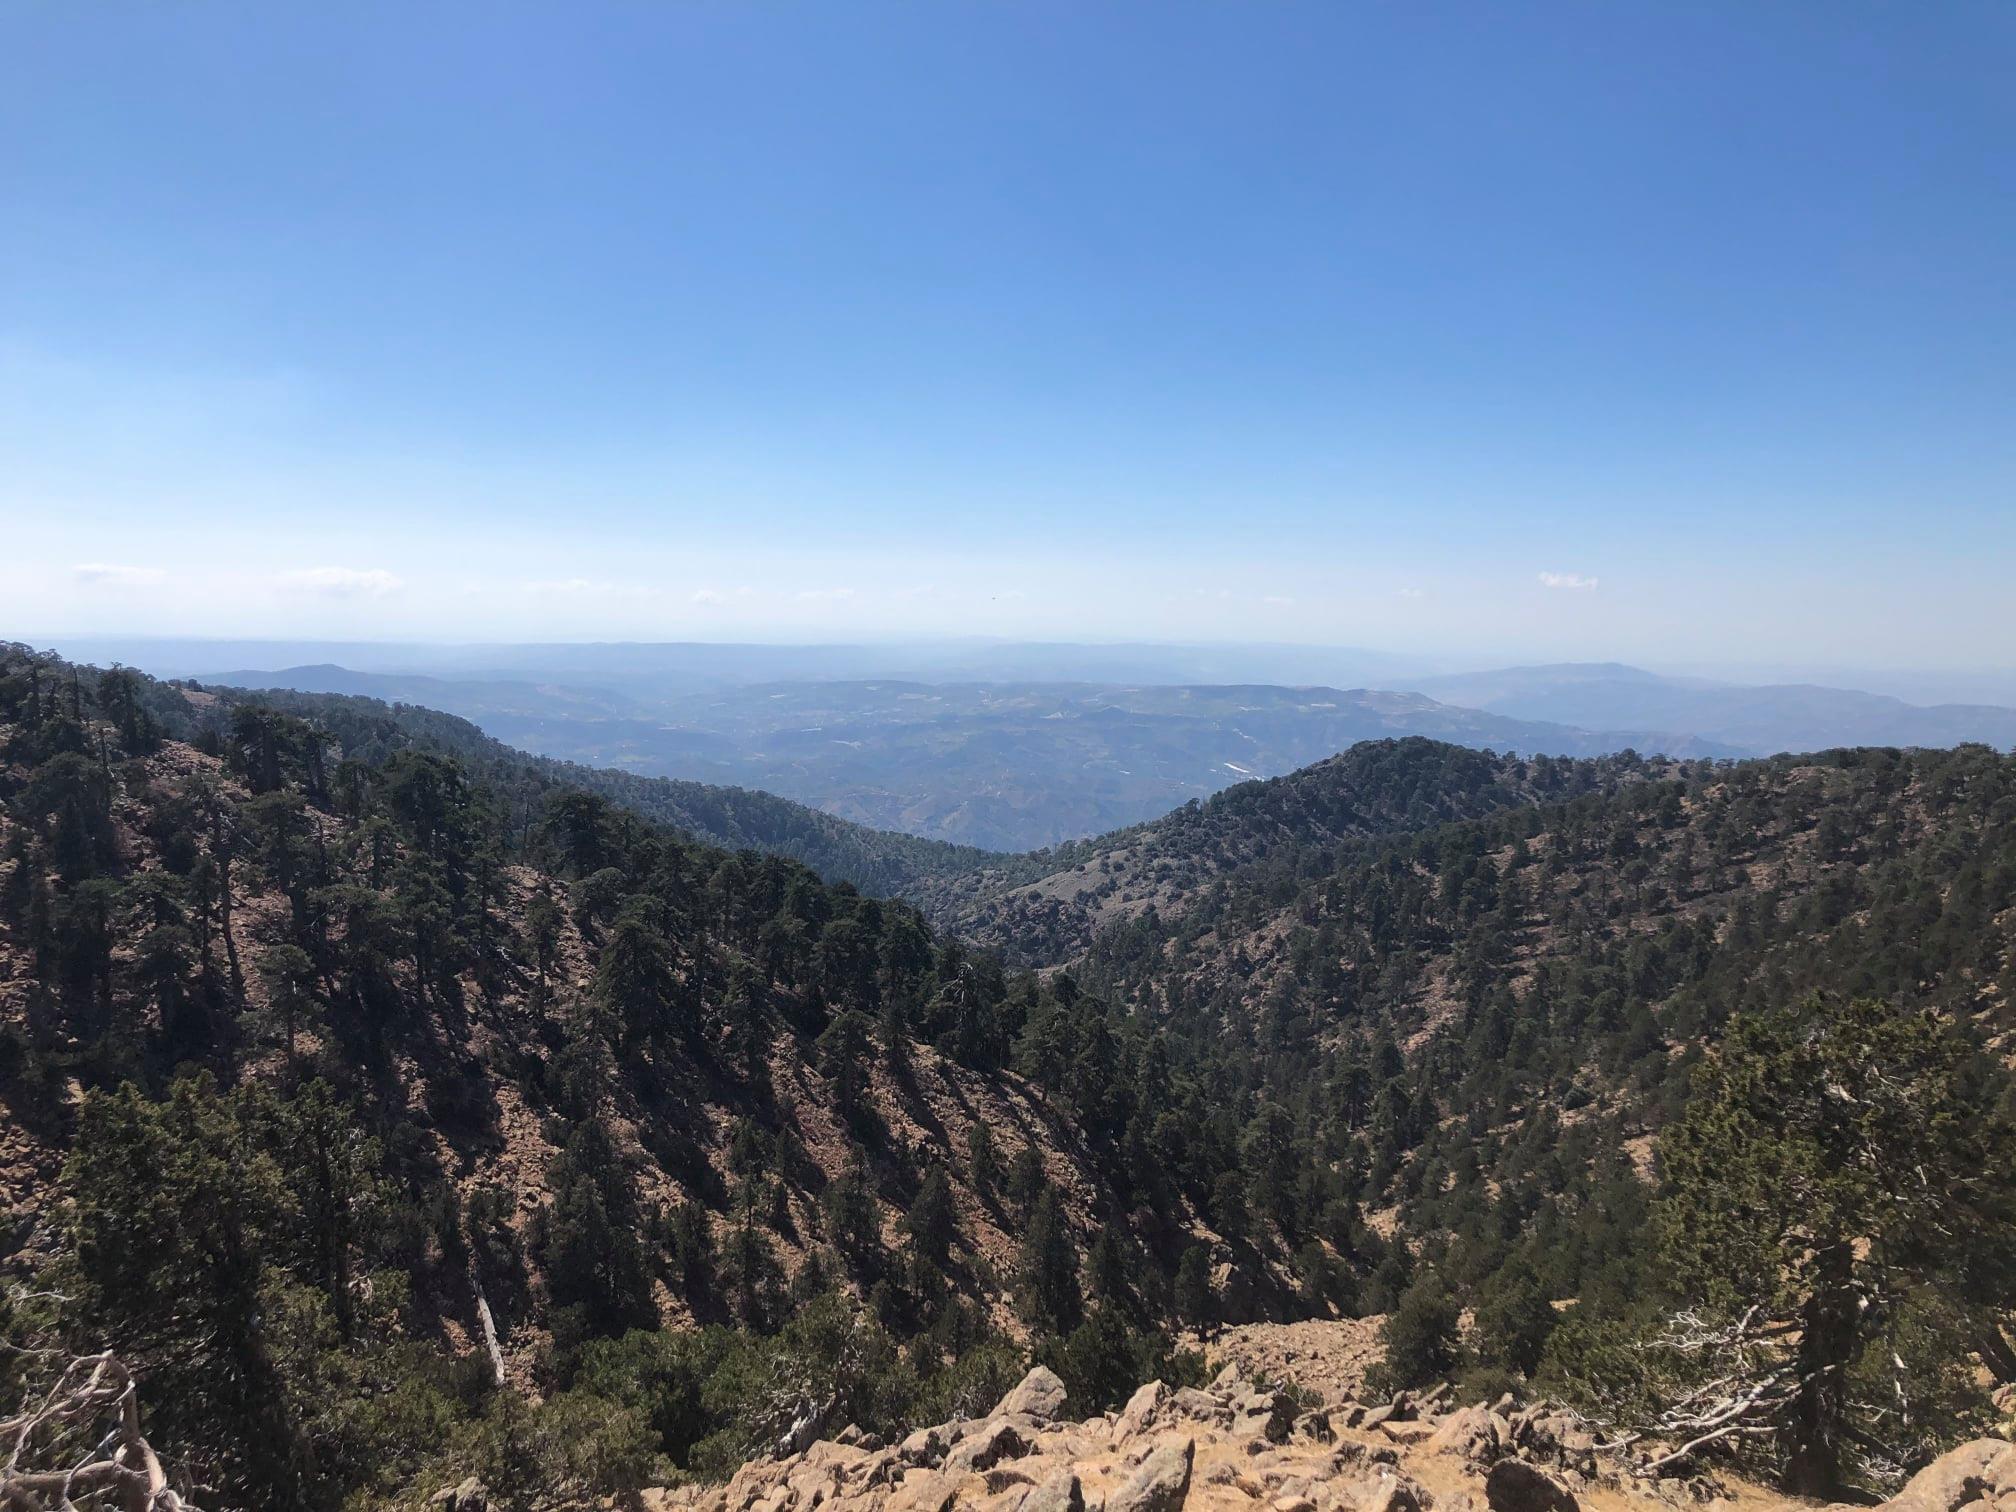 Wandern im Troodos-Gebirge und rund um den höchsten Berg Zyperns - den Mount…